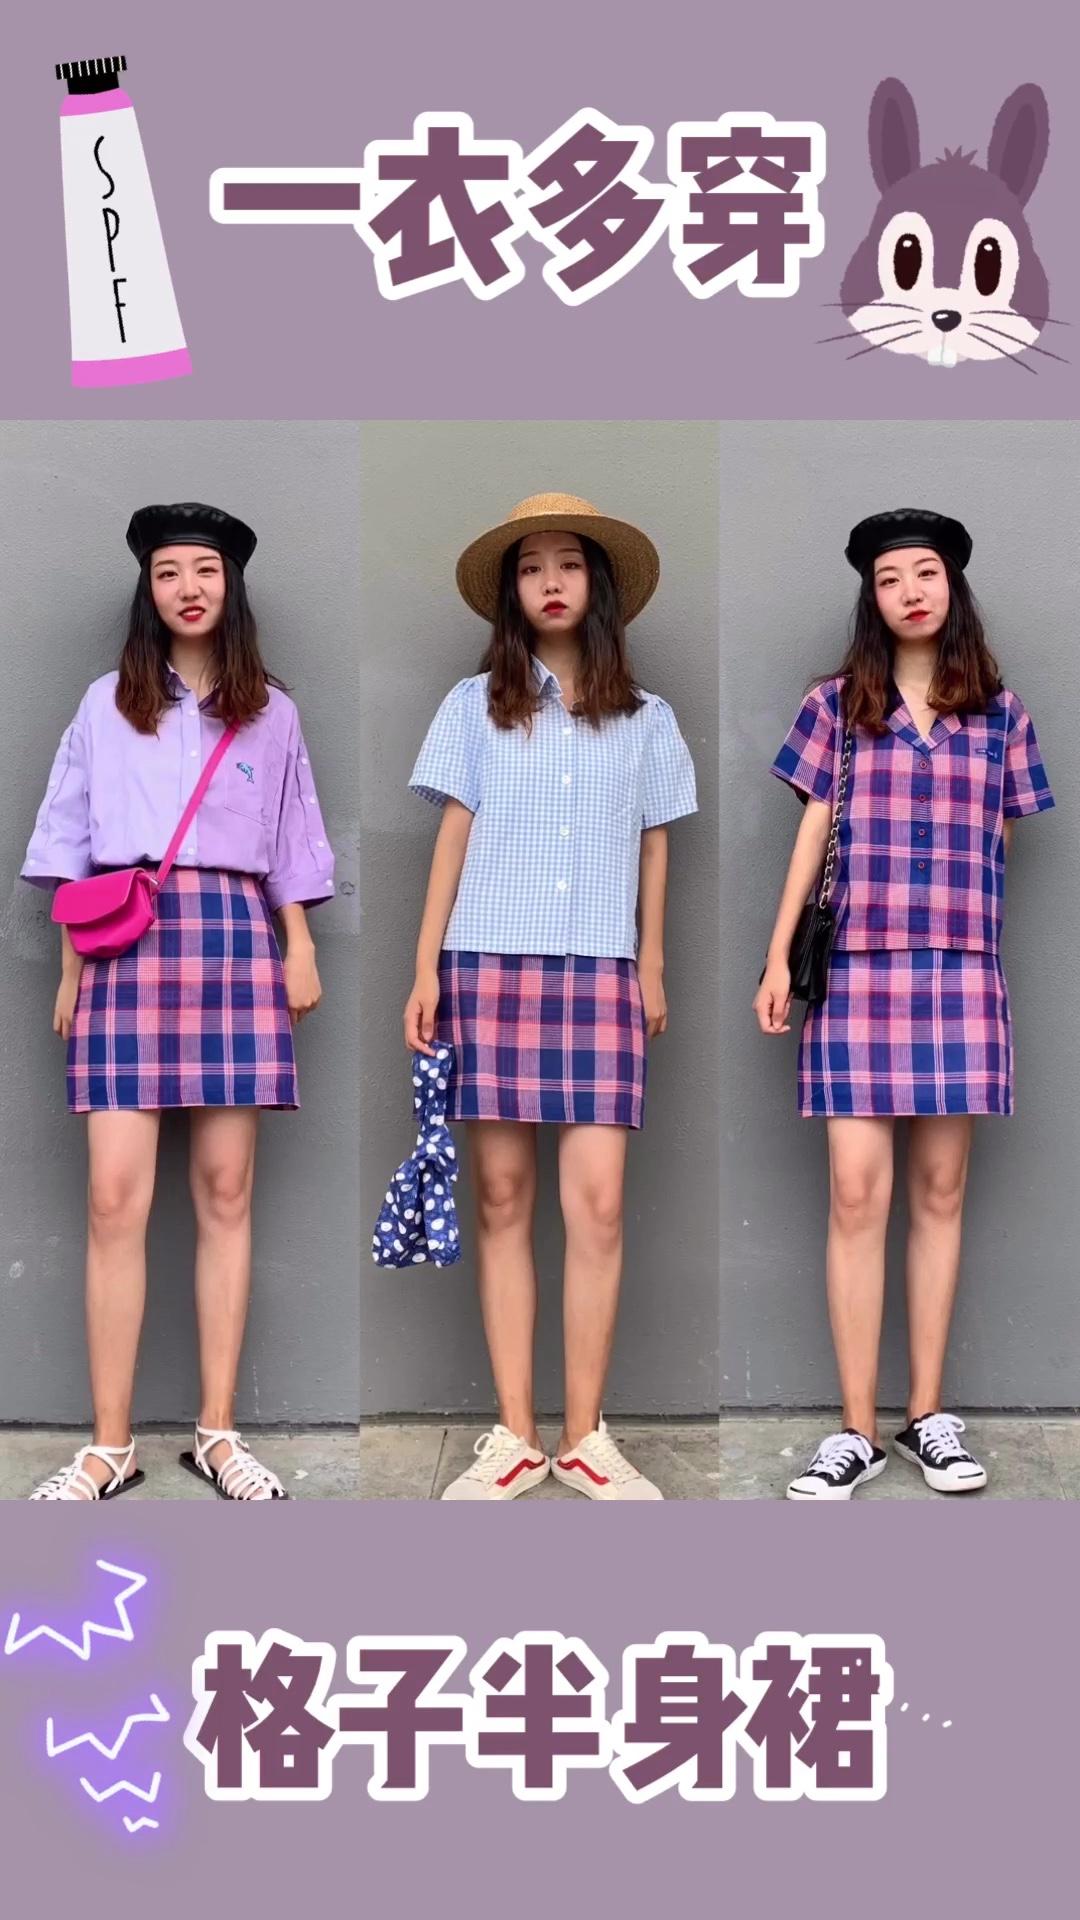 #日瘦15斤,一条裙子搞定!# 风格百变的学生党穿搭✨ 一衣多穿 格子半身裙 紫色的格子裙非常的特别 格子元素复古好看 搭配同色系的紫色衬衫绝对是不会出错的 搭配同款的紫色格子衬衫 套装更加适合懒人党哦! 希望学生党妹子们美美哒 我们一起学穿搭呀❤️